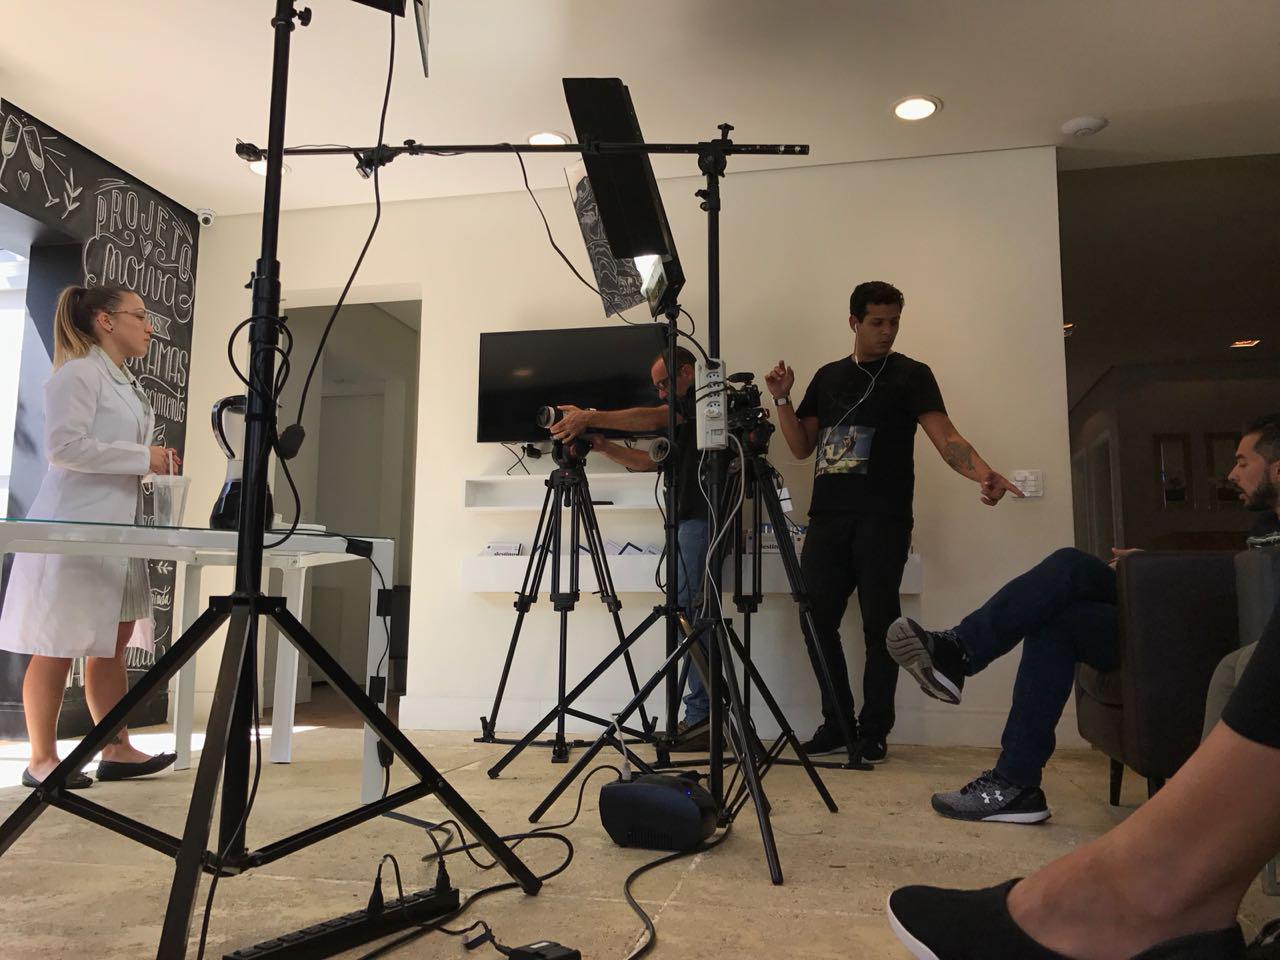 galeria-filmagem